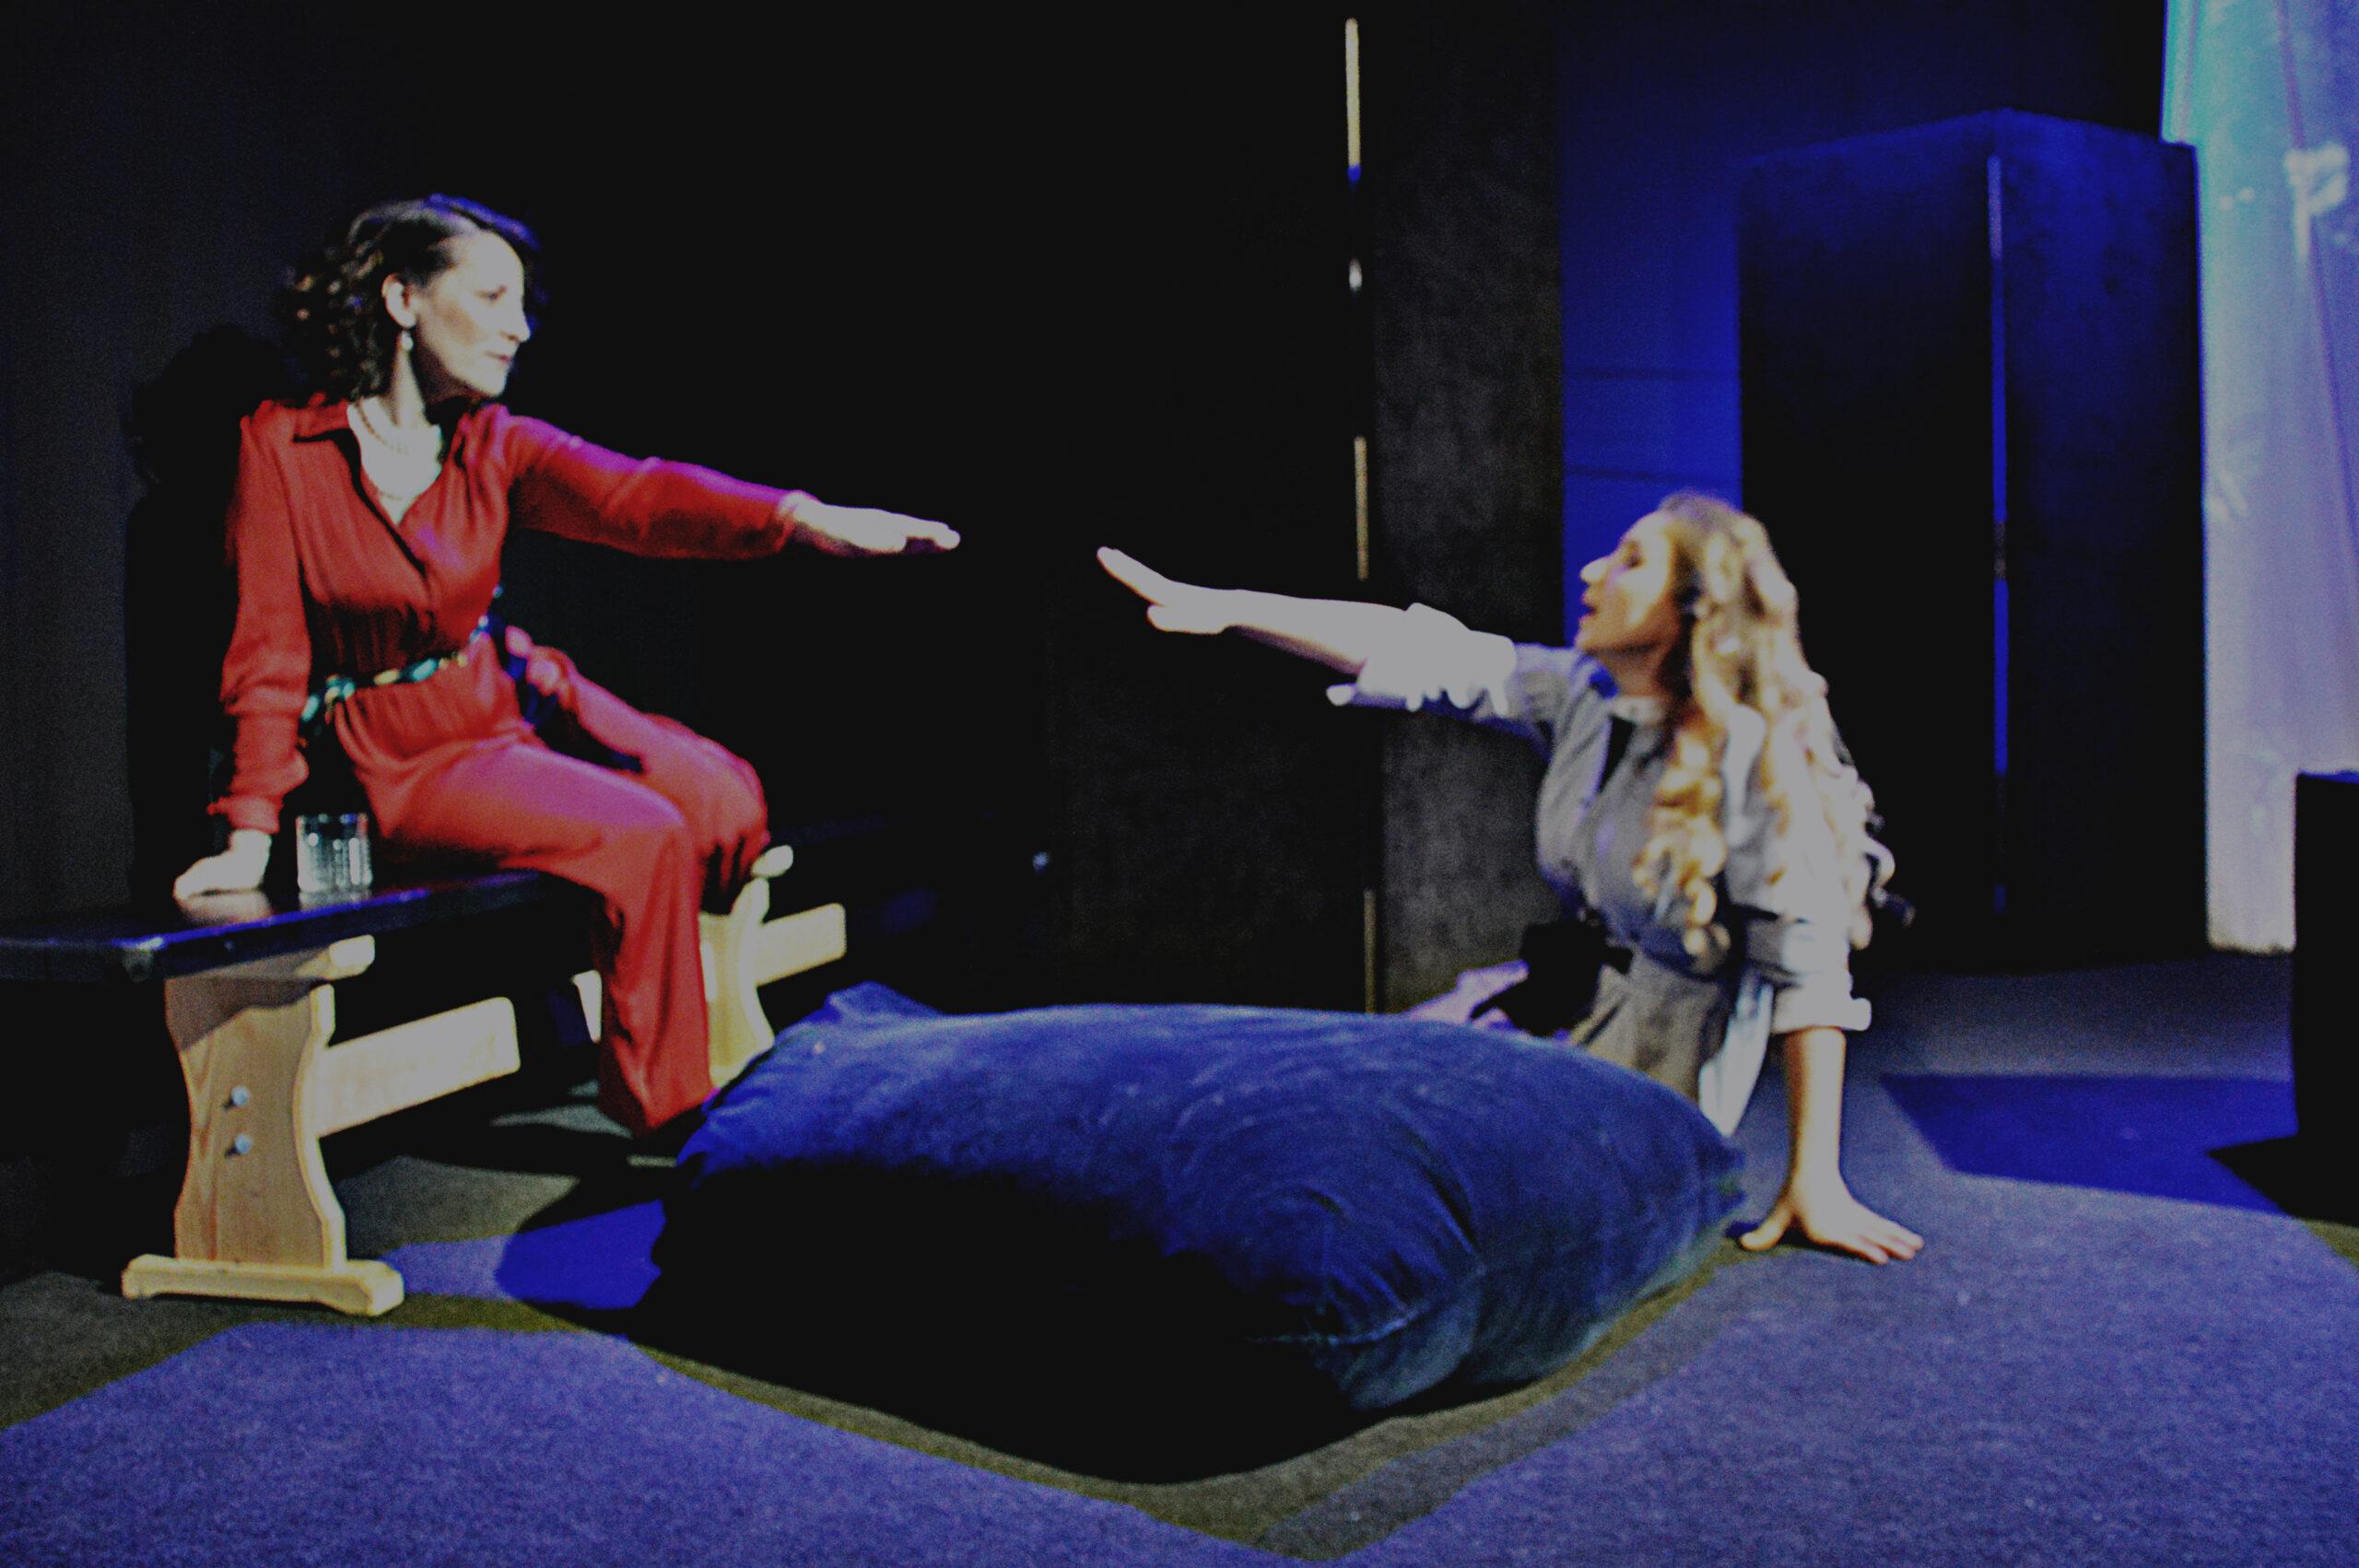 Spektaklio akimirka. Dvi moterys tiesia rankas viena į kitą